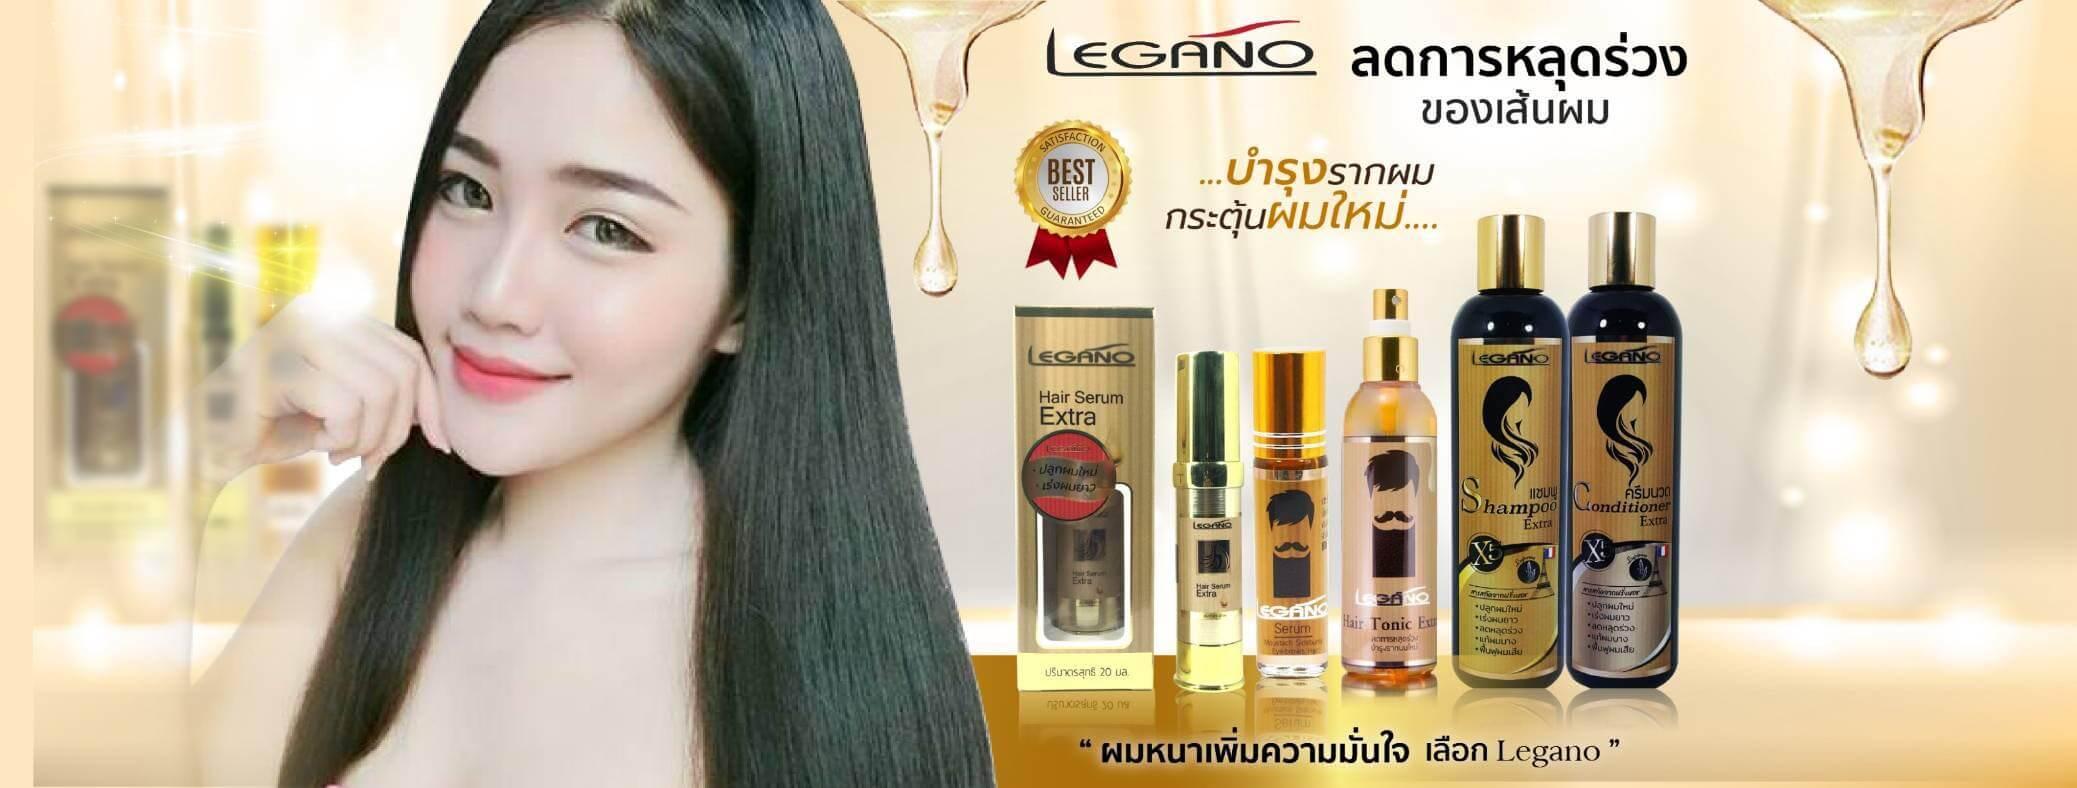 Legano Serum ยาปลูกขนคิ้ว เซรั่มปลูกคิ้ว